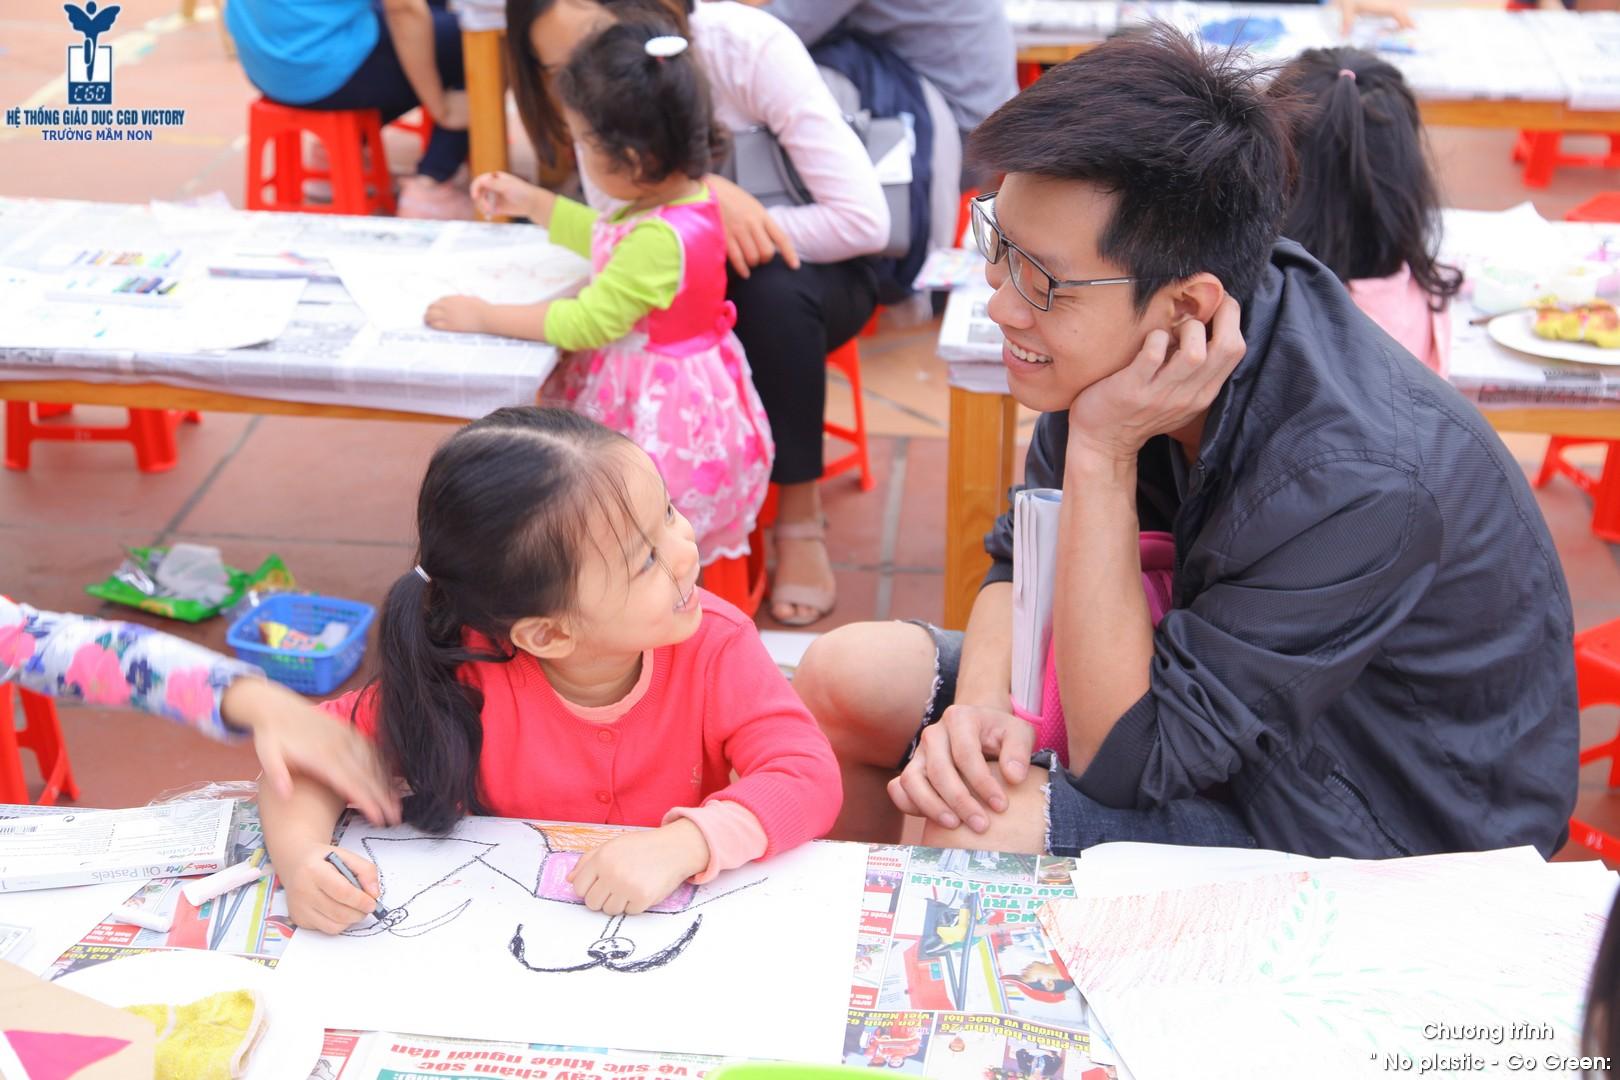 Phụ huynh cùng đồng hành với các con trong sự kiện No Plastic - Go Green được tổ chức tại Hệ thống giáo dục CGD Victory